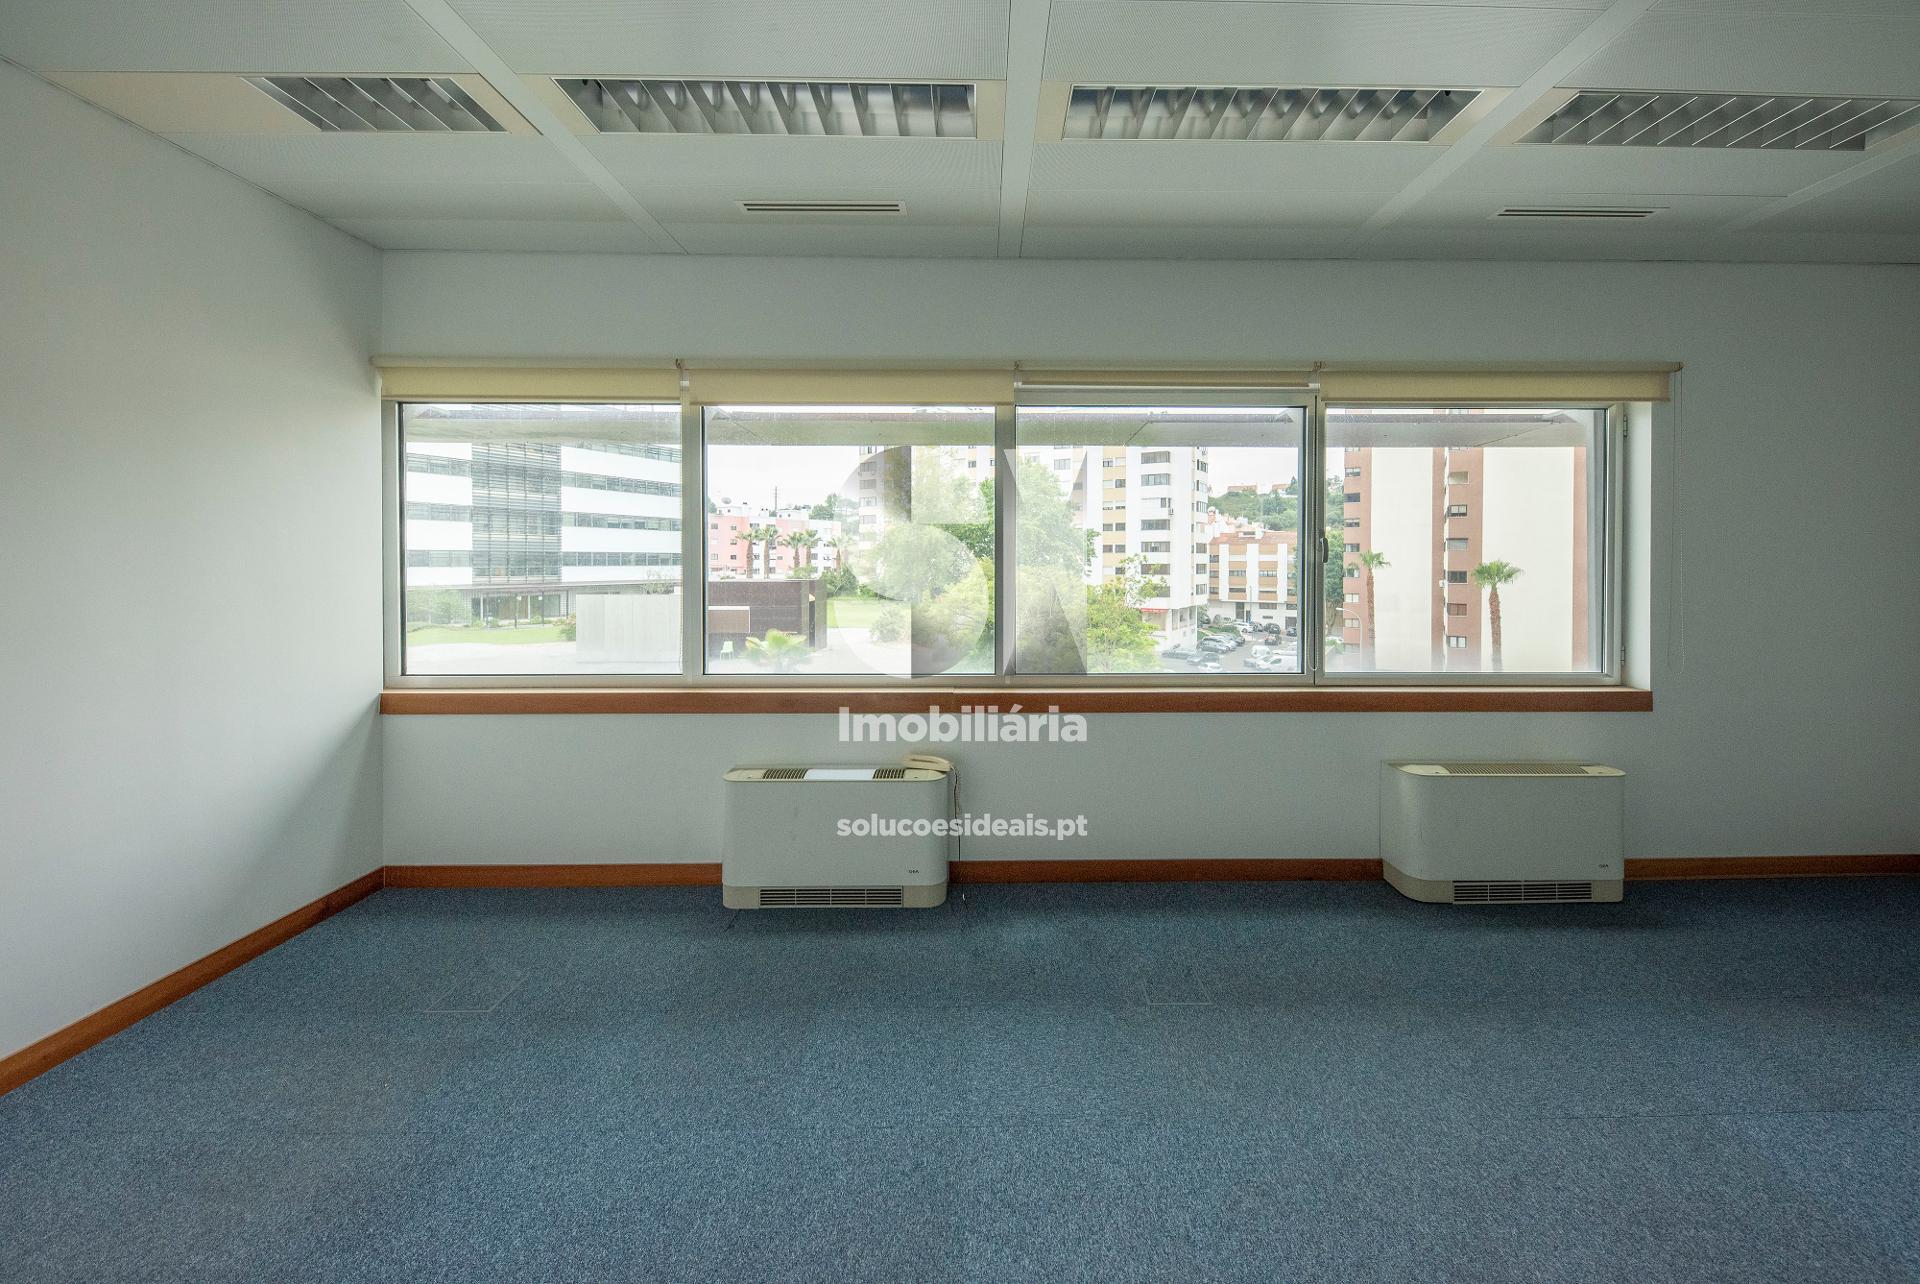 Escritório com janelas amplas